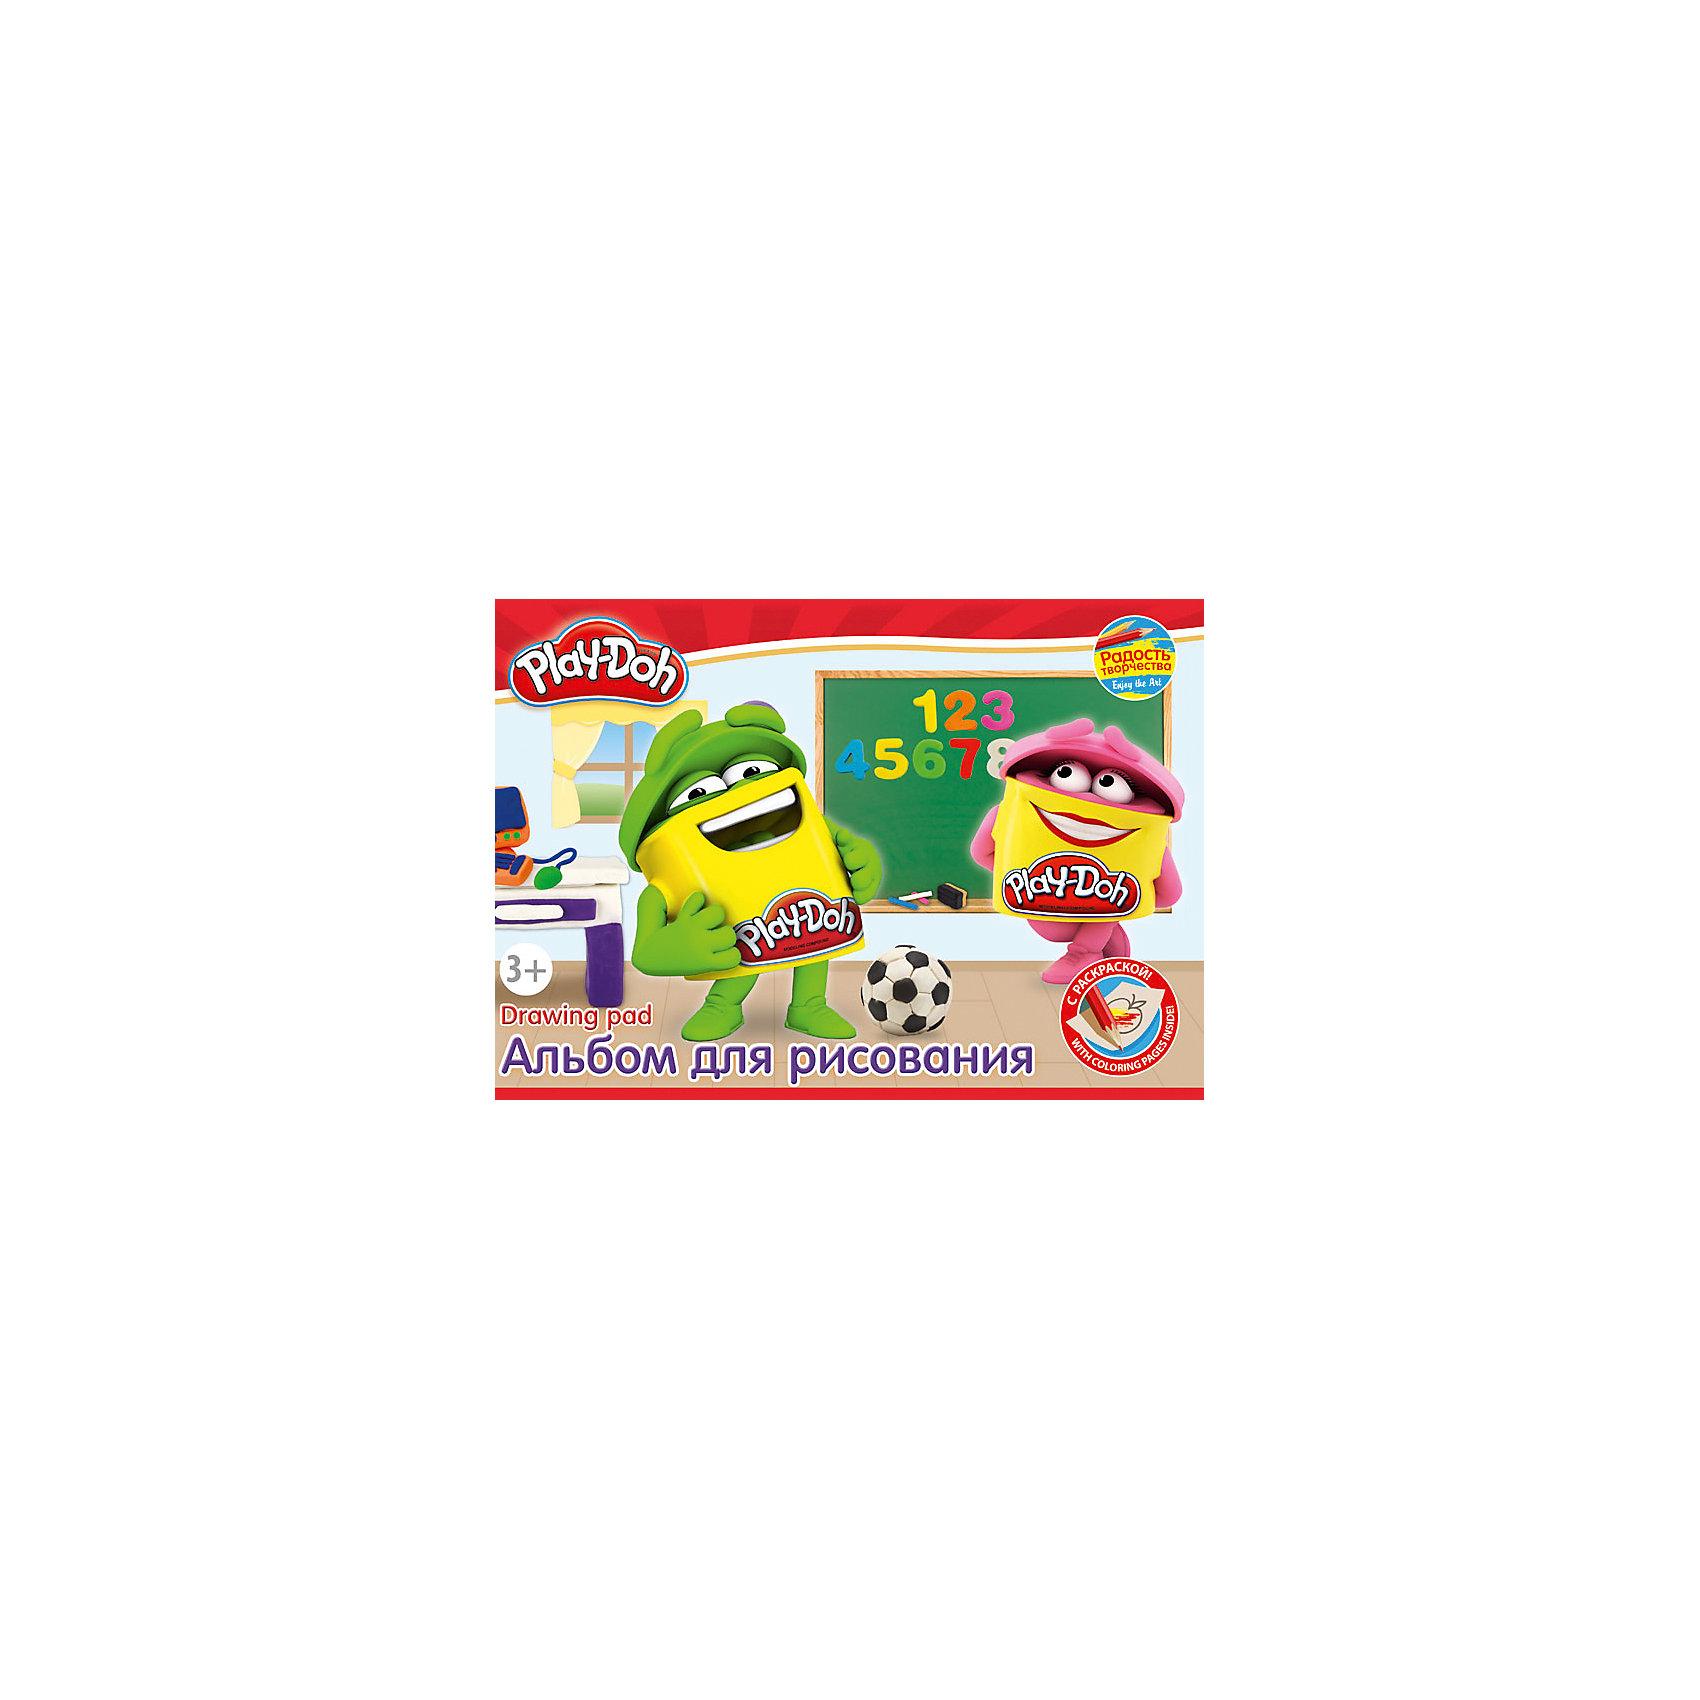 Академия групп Альбом для рисования А4 с раскрасками (20 листов), Play-Doh hasbro play doh игровой набор из 3 цветов цвета в ассортименте с 2 лет